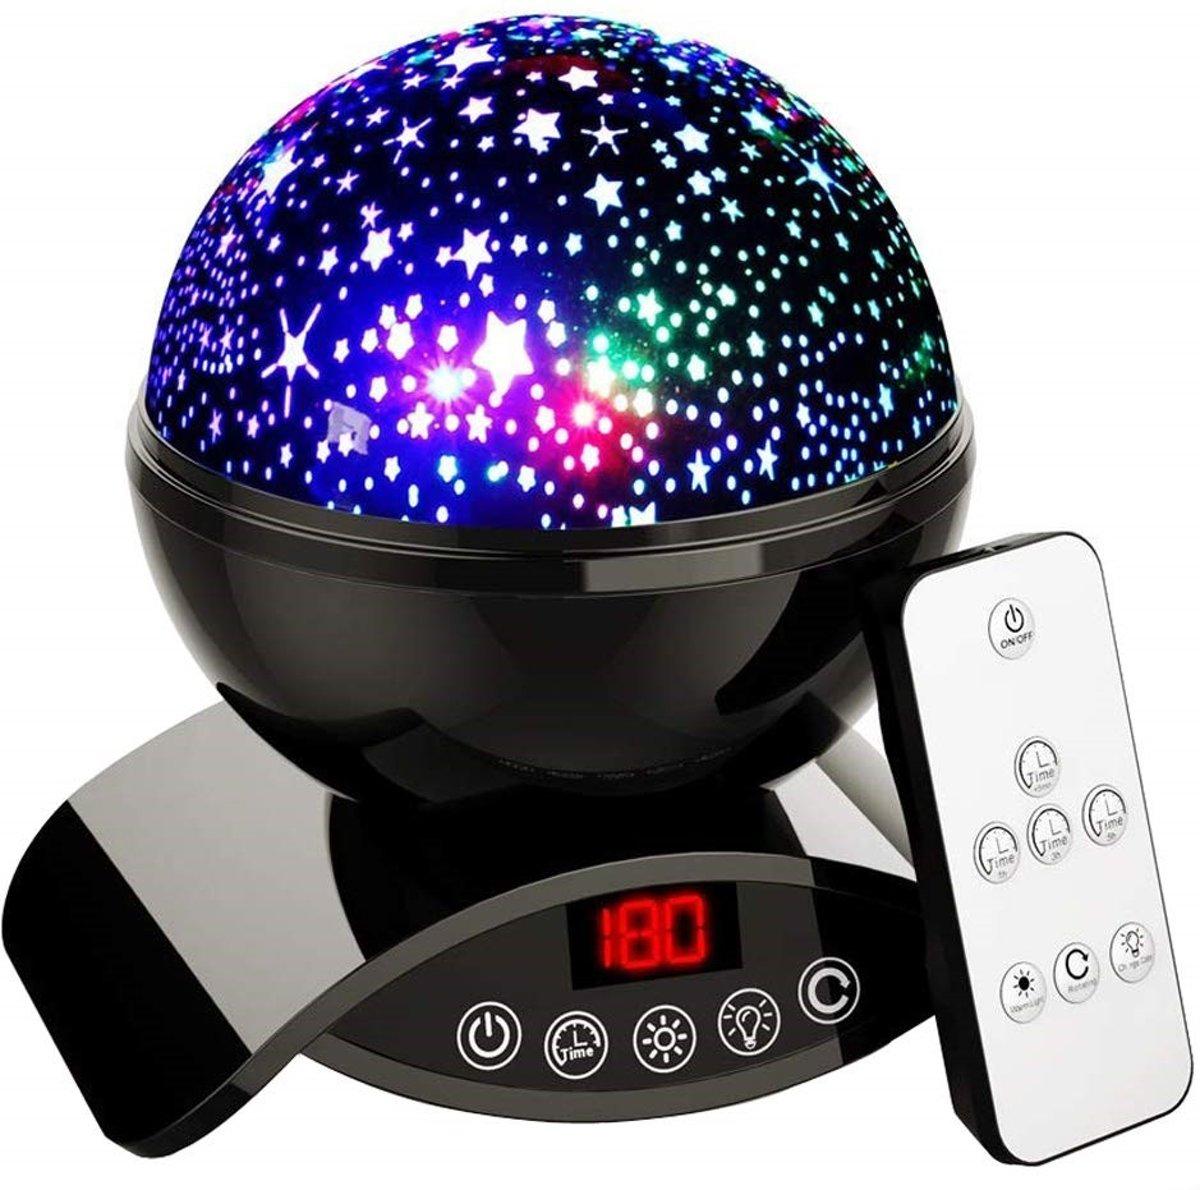 Sterrenprojector - Baby nachtlamp - Kinder lamp - goedenacht projector kopen